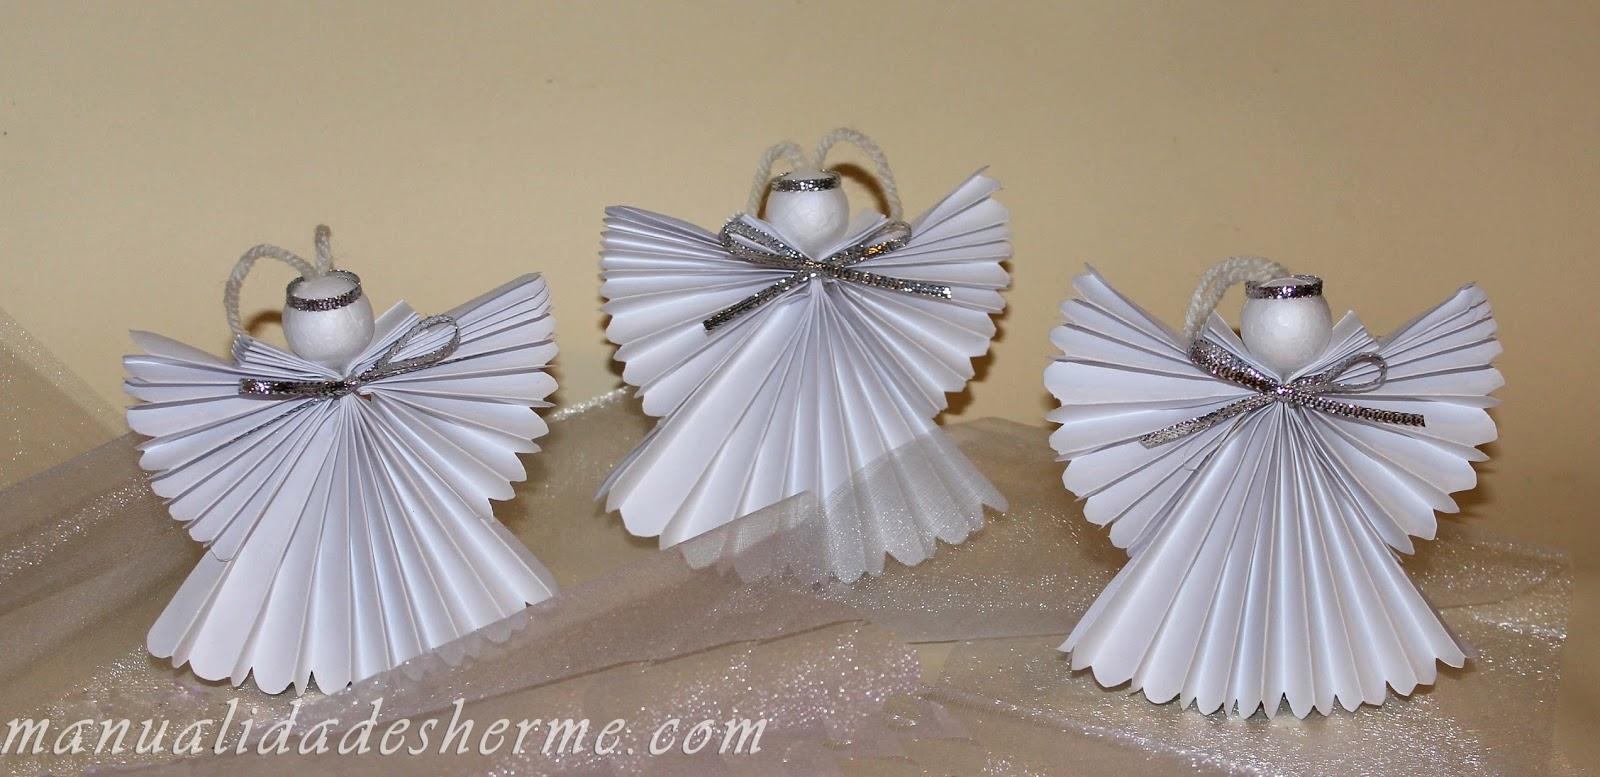 Manualidades herme como hacer un ngel de papel - Como hacer guirnaldas de navidad ...